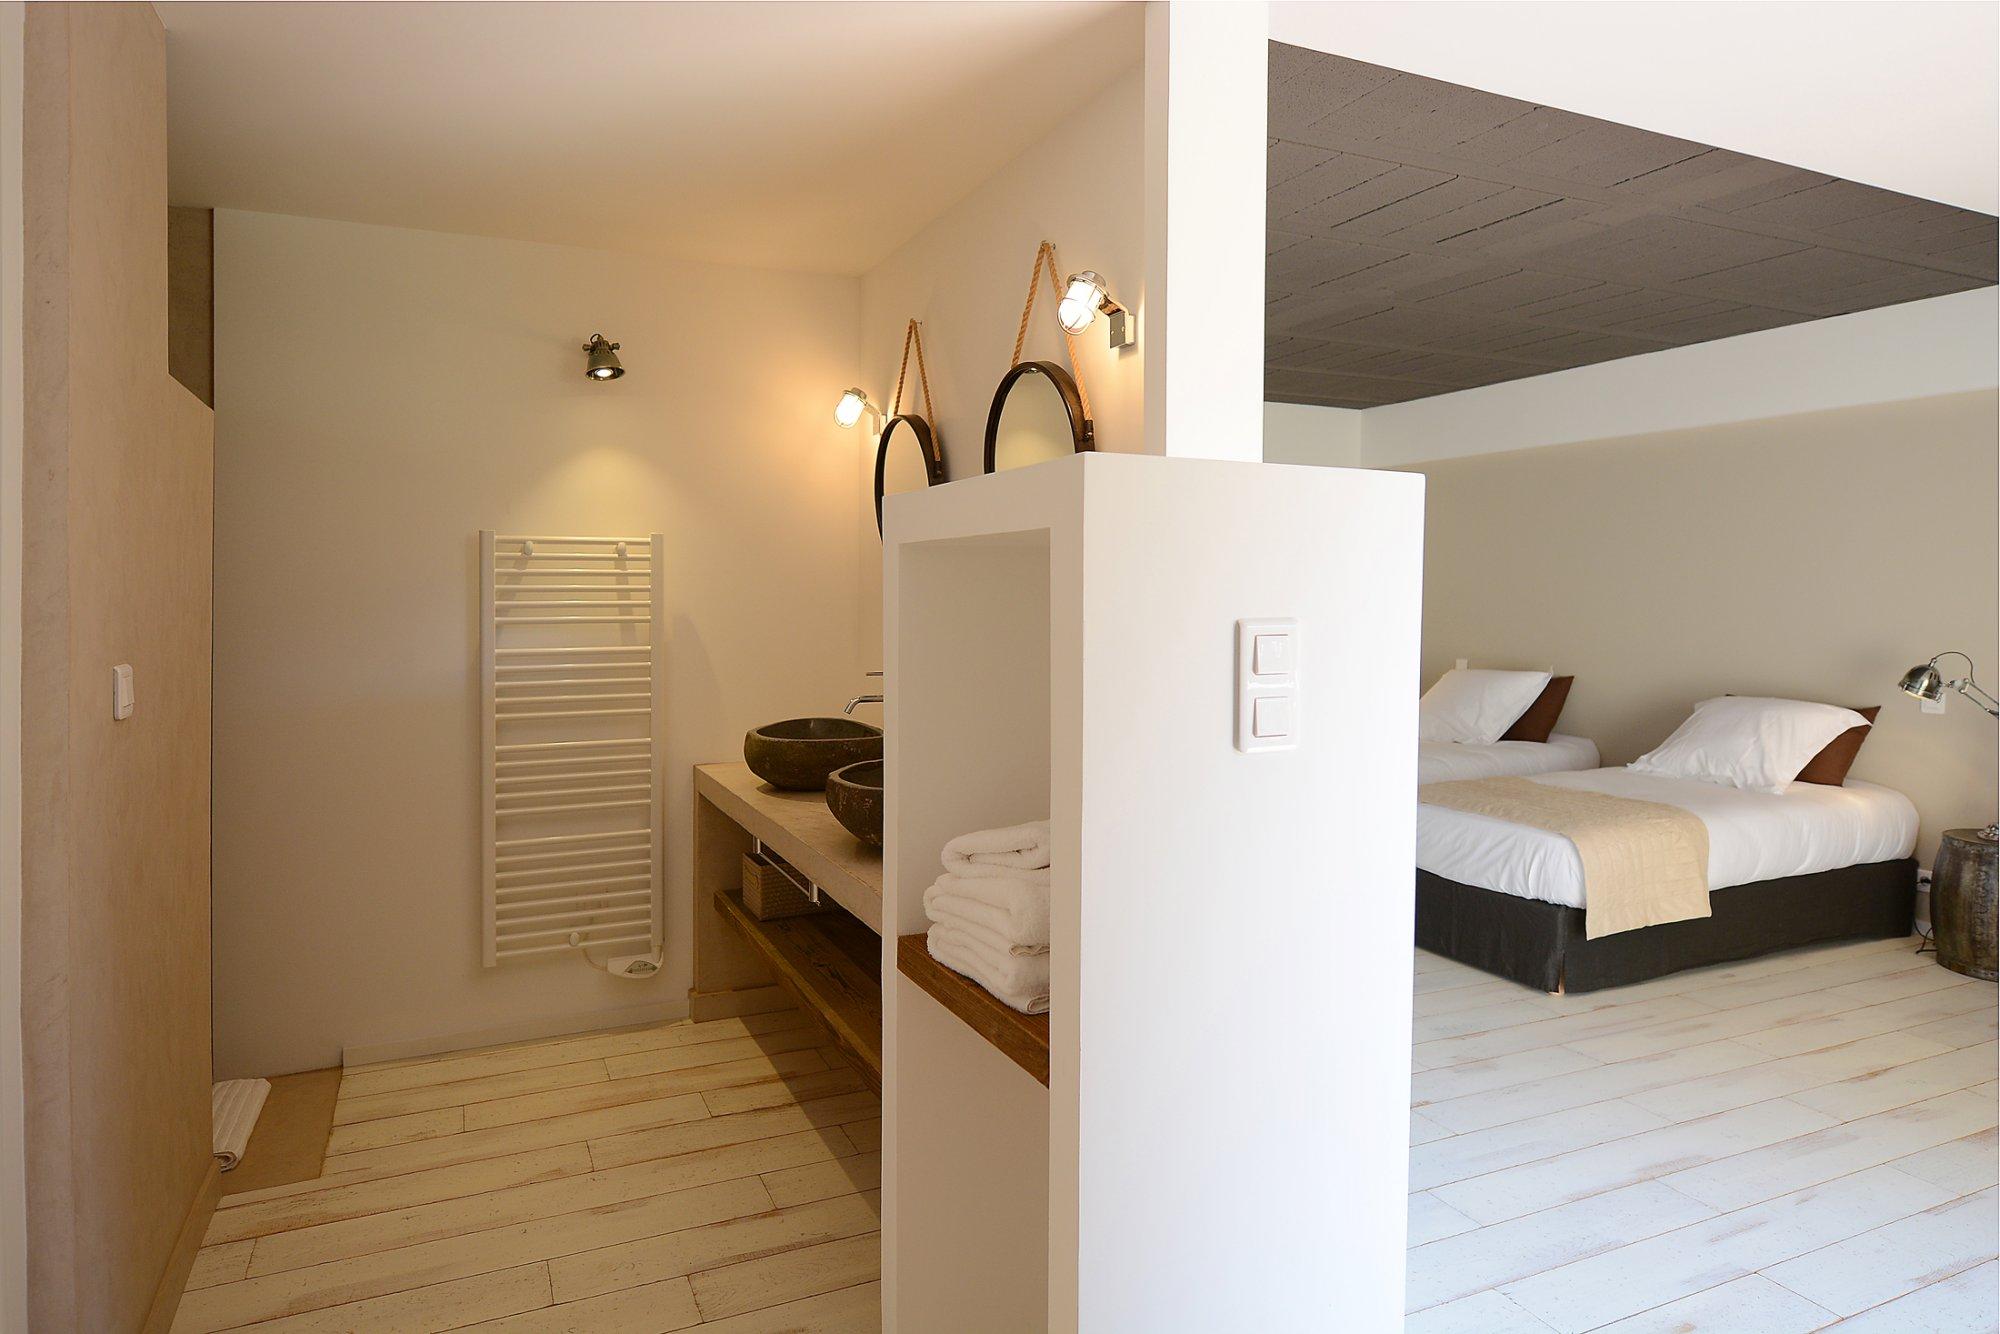 Les Lofts de Palombaggia Villas de luxe Corse Porto Vecchio